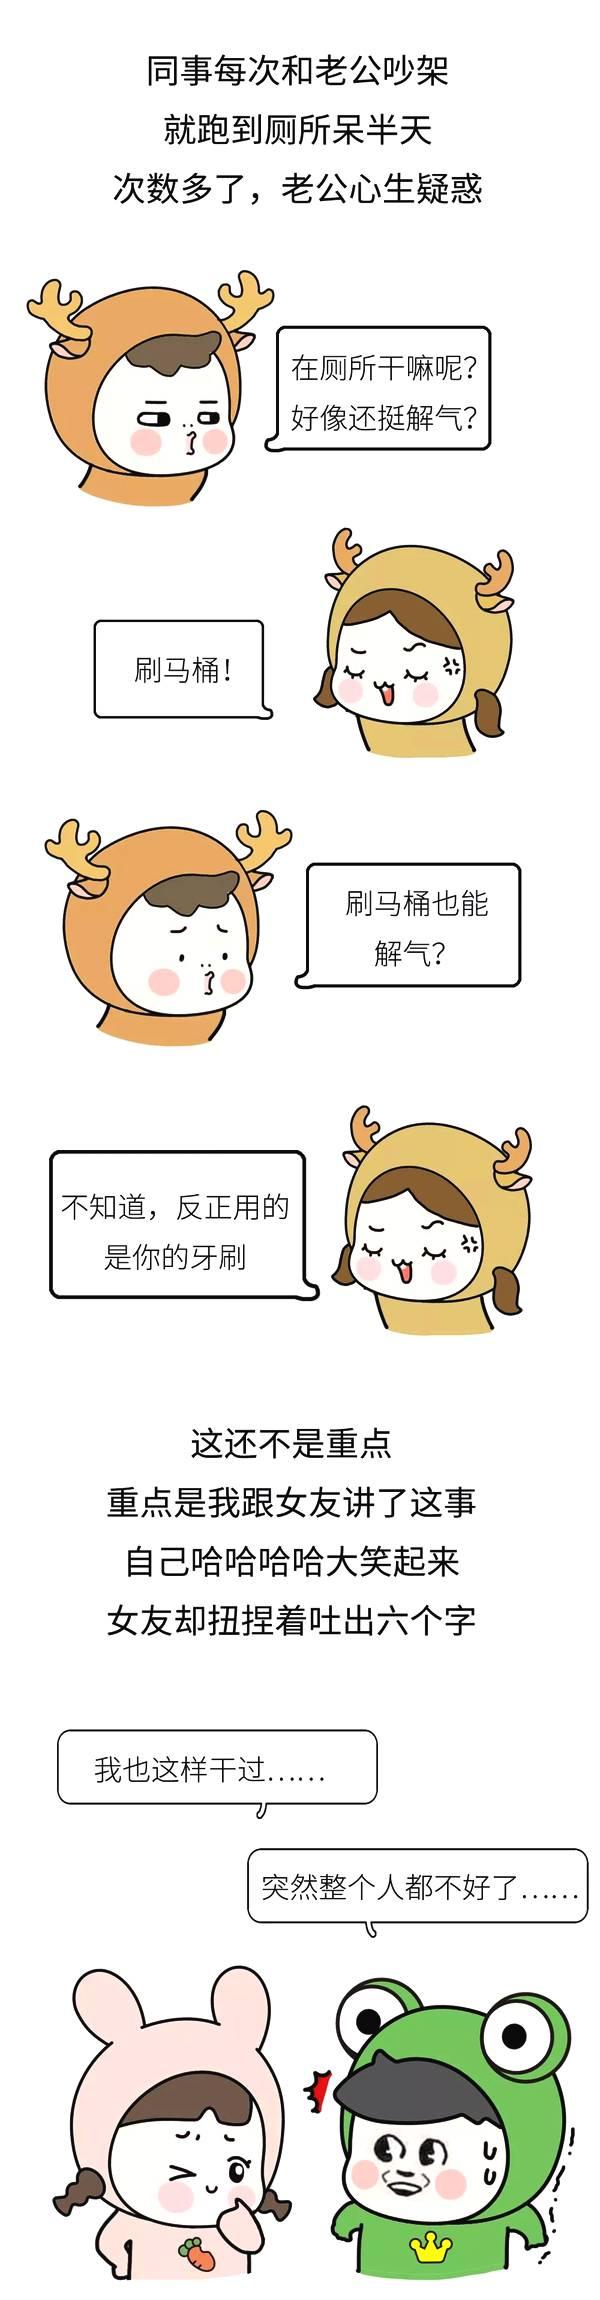 卡通萌宠小猪大笑心情好表情素材图片免费下载-千库网